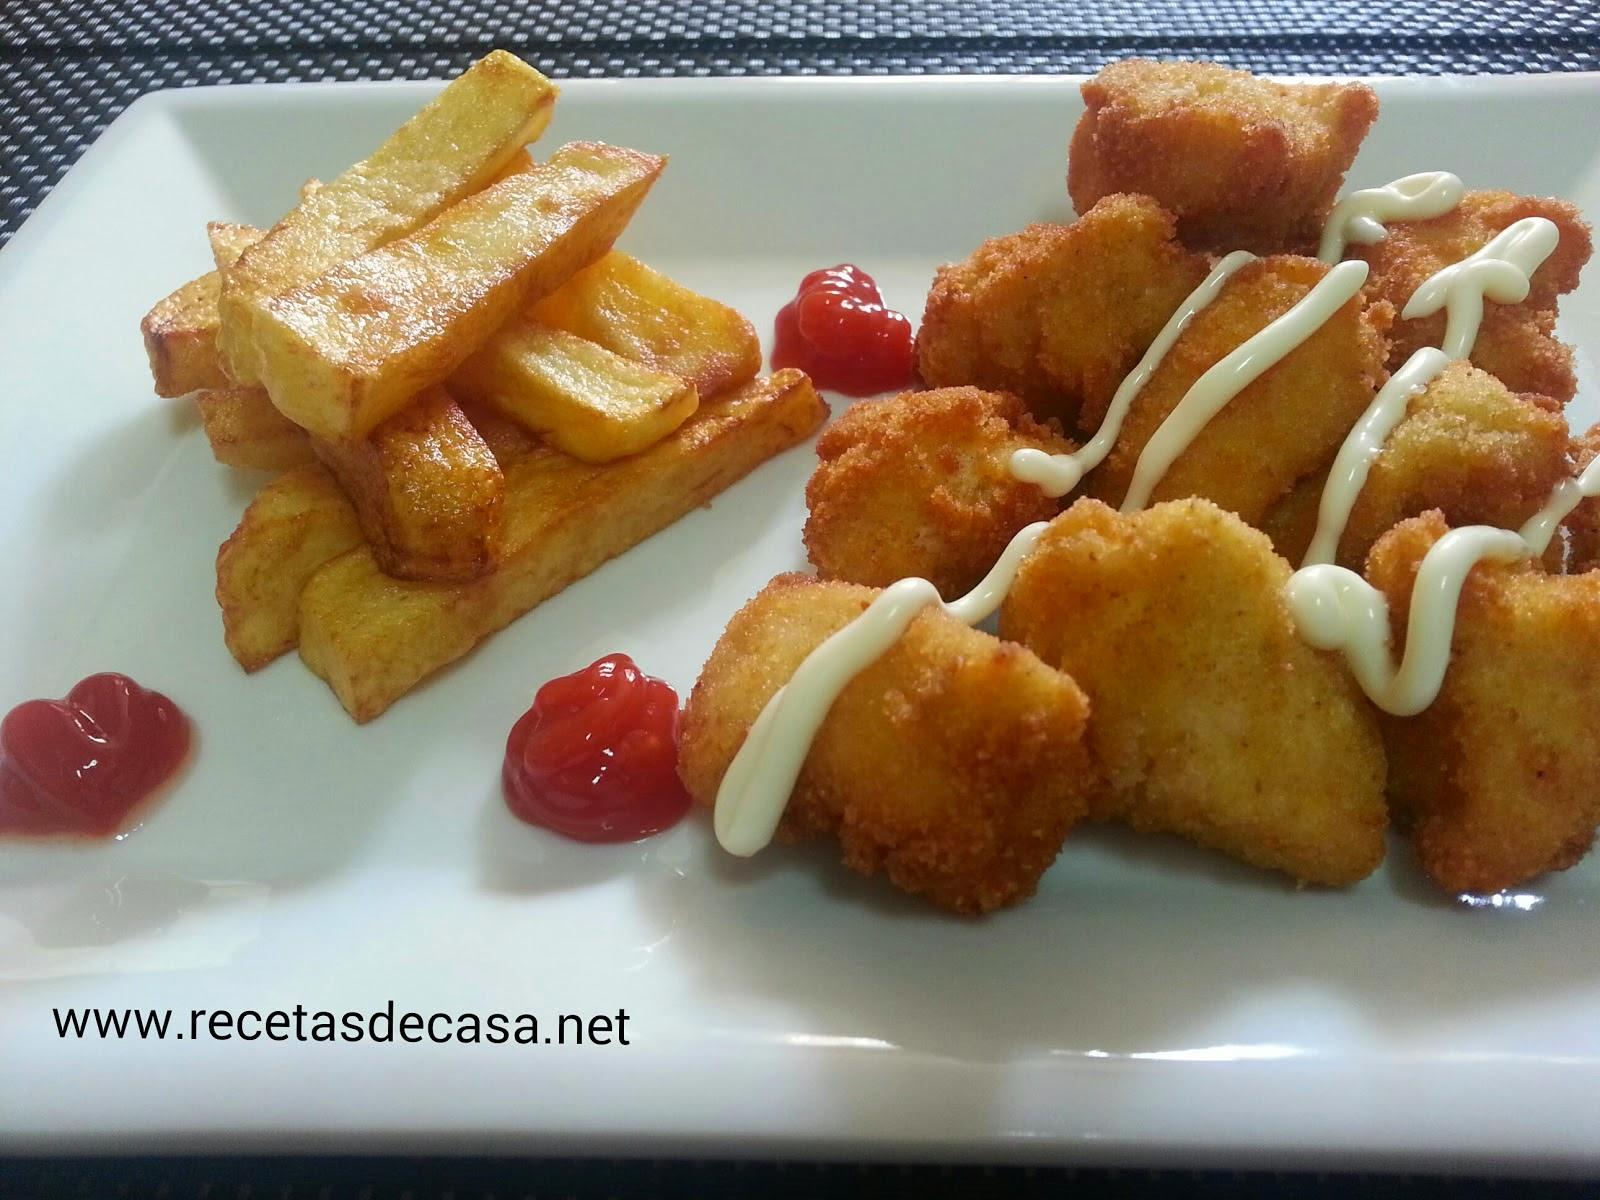 la experiencia de preparar un catering recetas para catering y cumpleaos